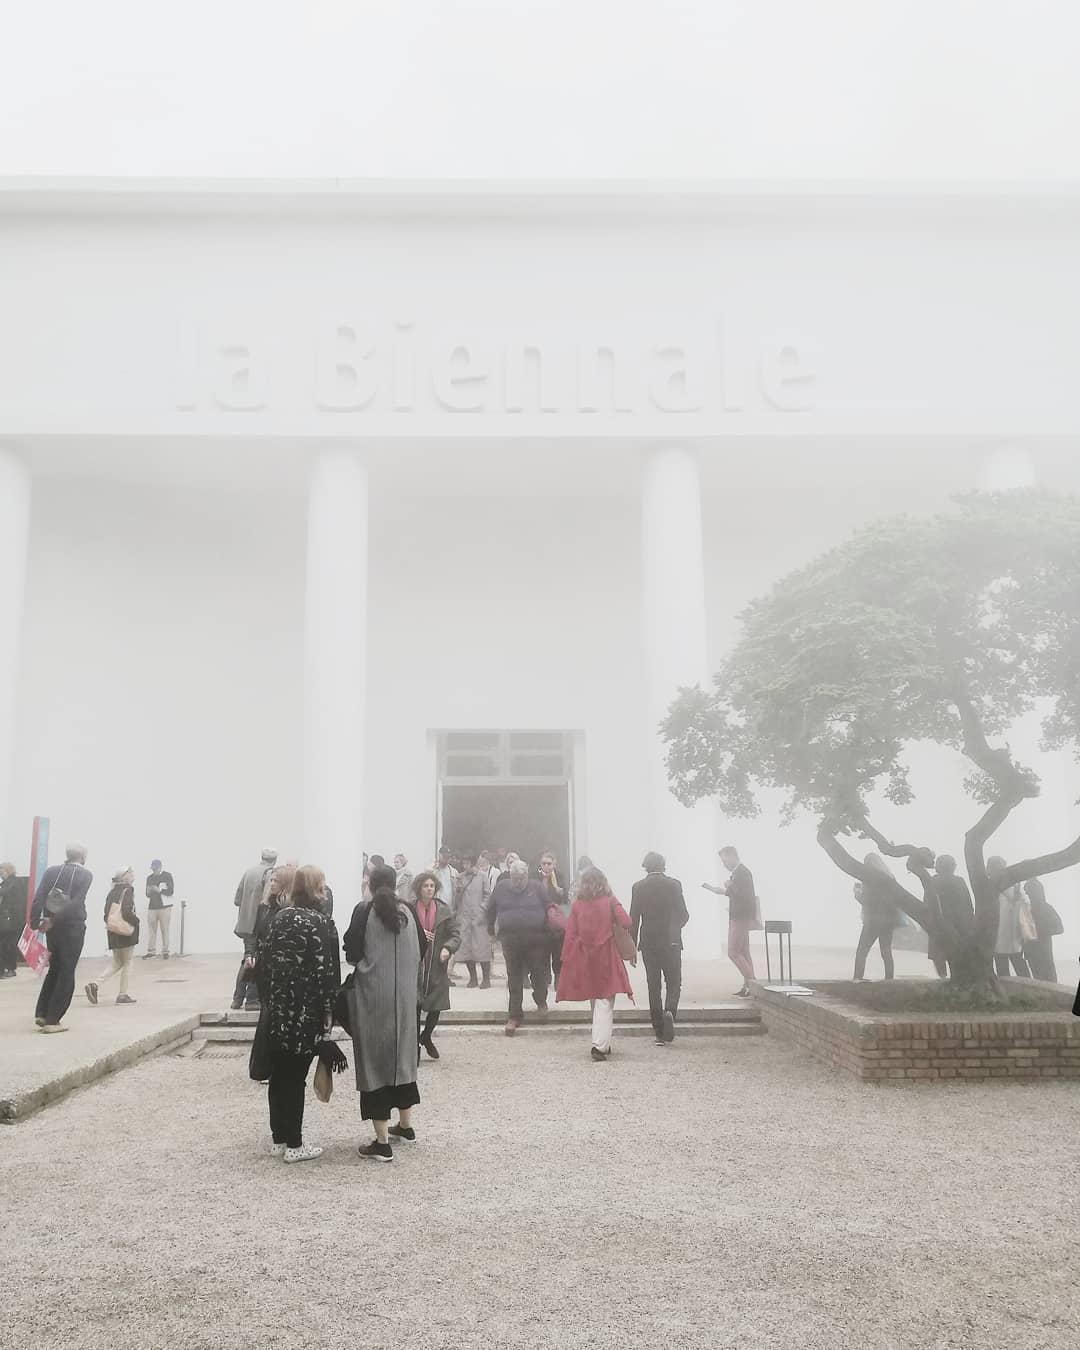 biennale d'Arte Venezia 2015 Foto di luciapecoraro.com